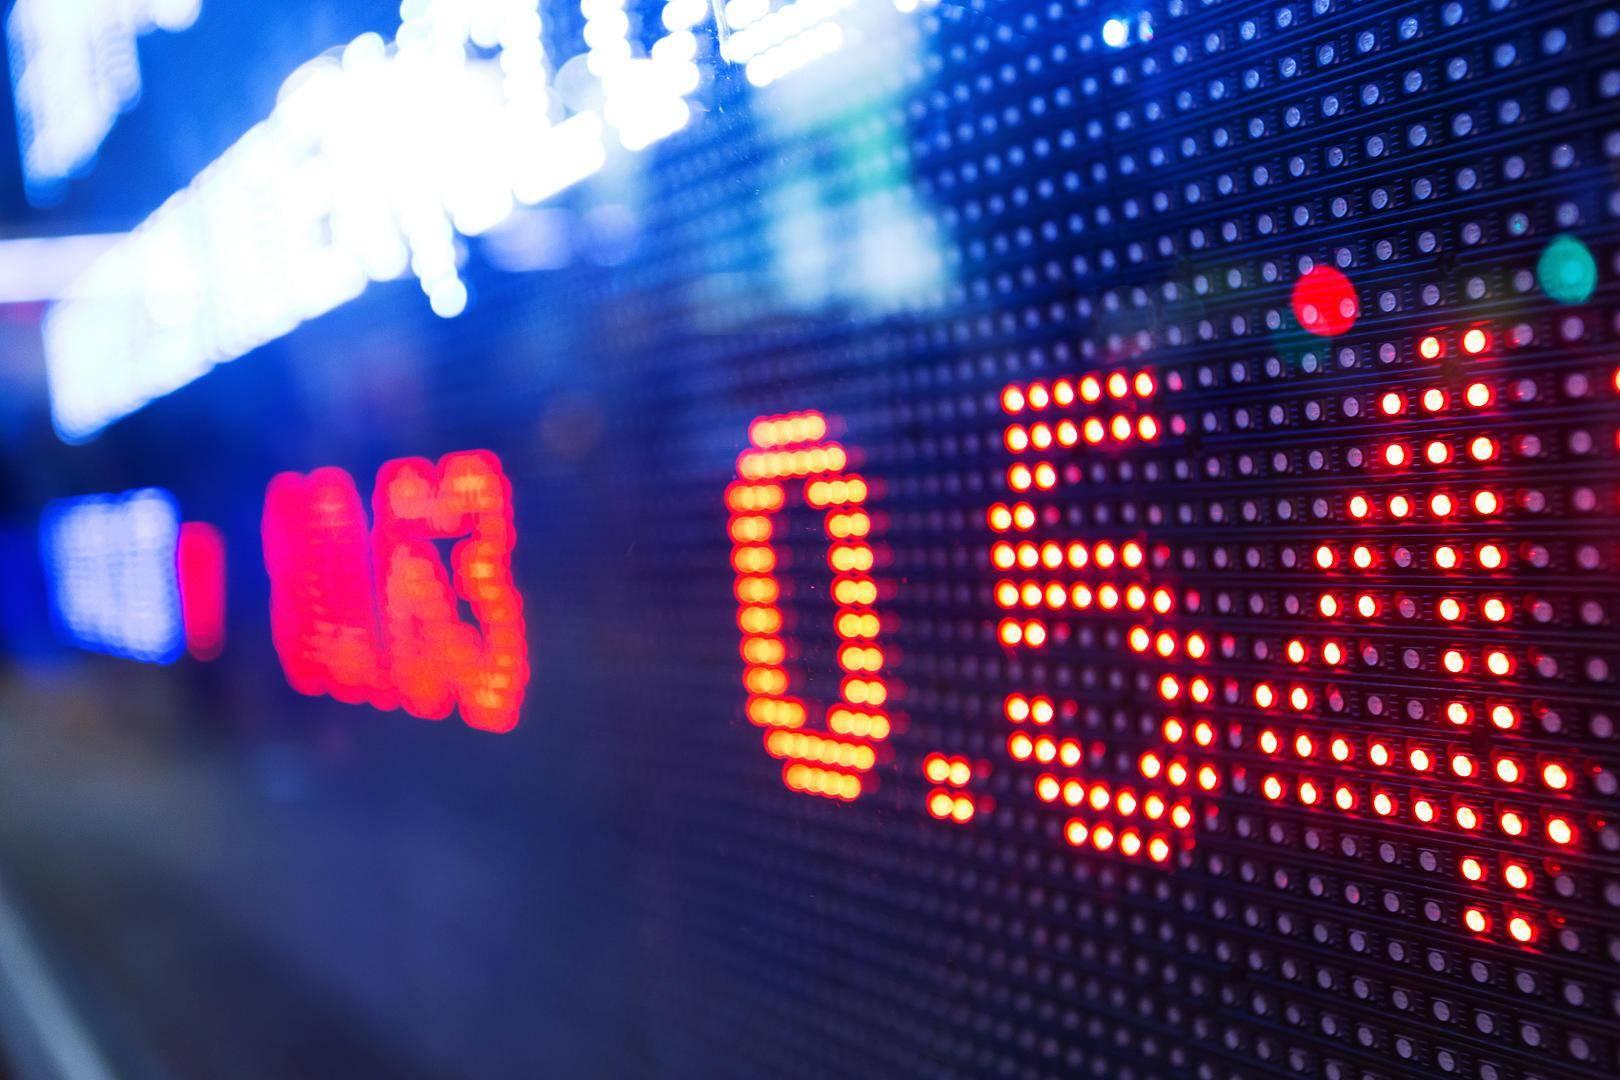 【美债收益率飙升对股市影响几何】美债收益率影响行业